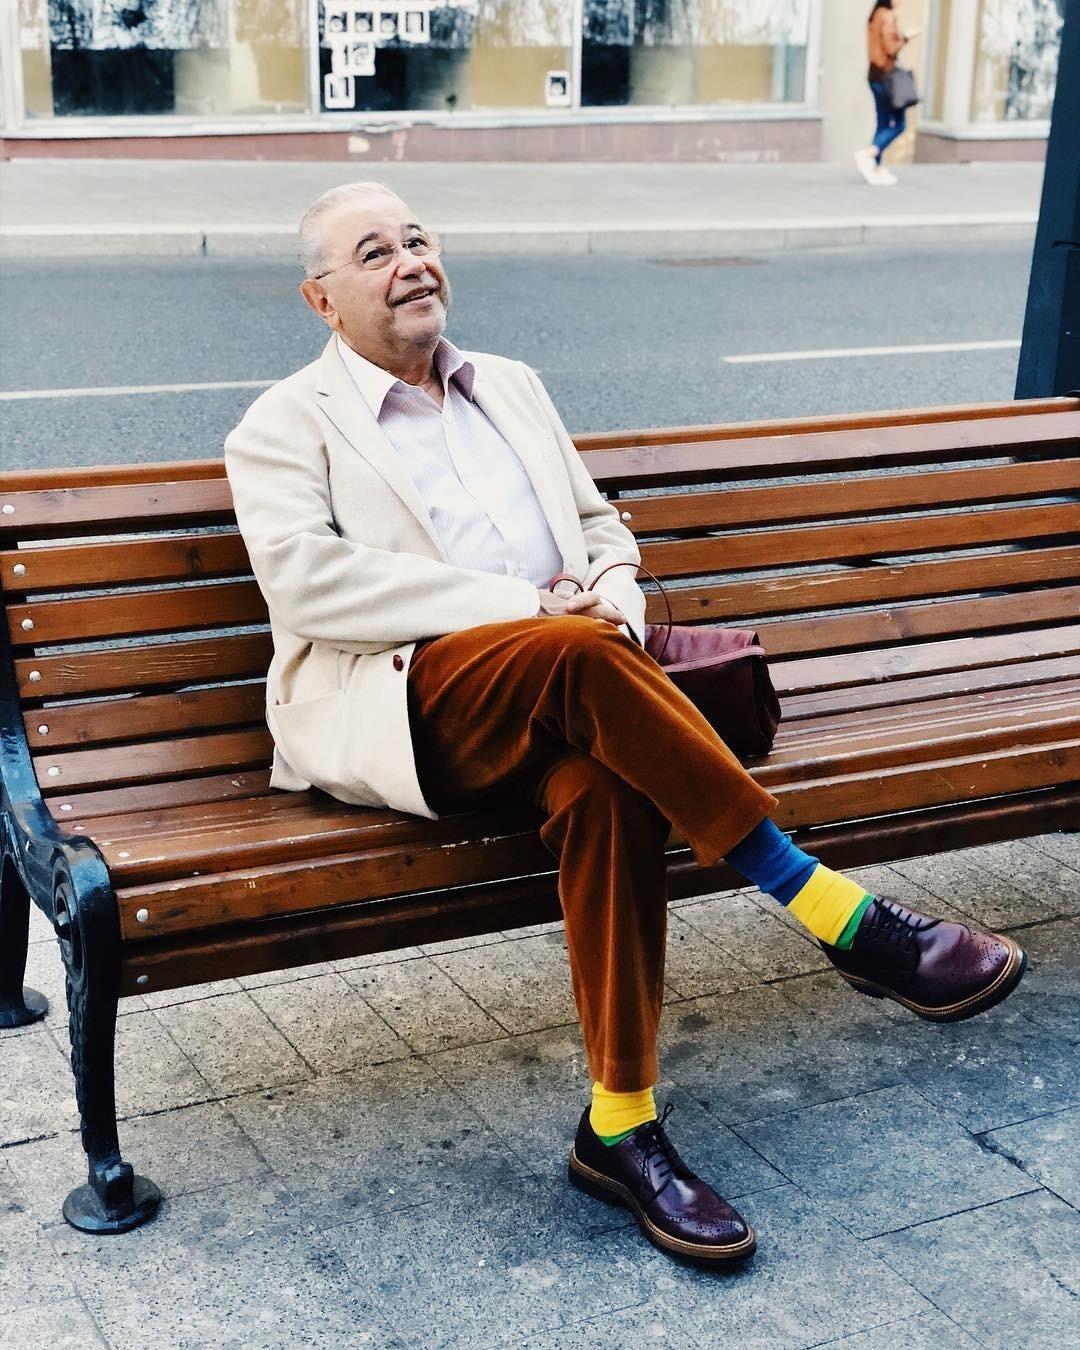 Нашу подборку открывает один из самых ярких образов Евгения Вагановича. Для теплого осеннего дня артист выбрал вельветовые брюки цвета охры, кипенно-белую рубашку из органического хлопка...